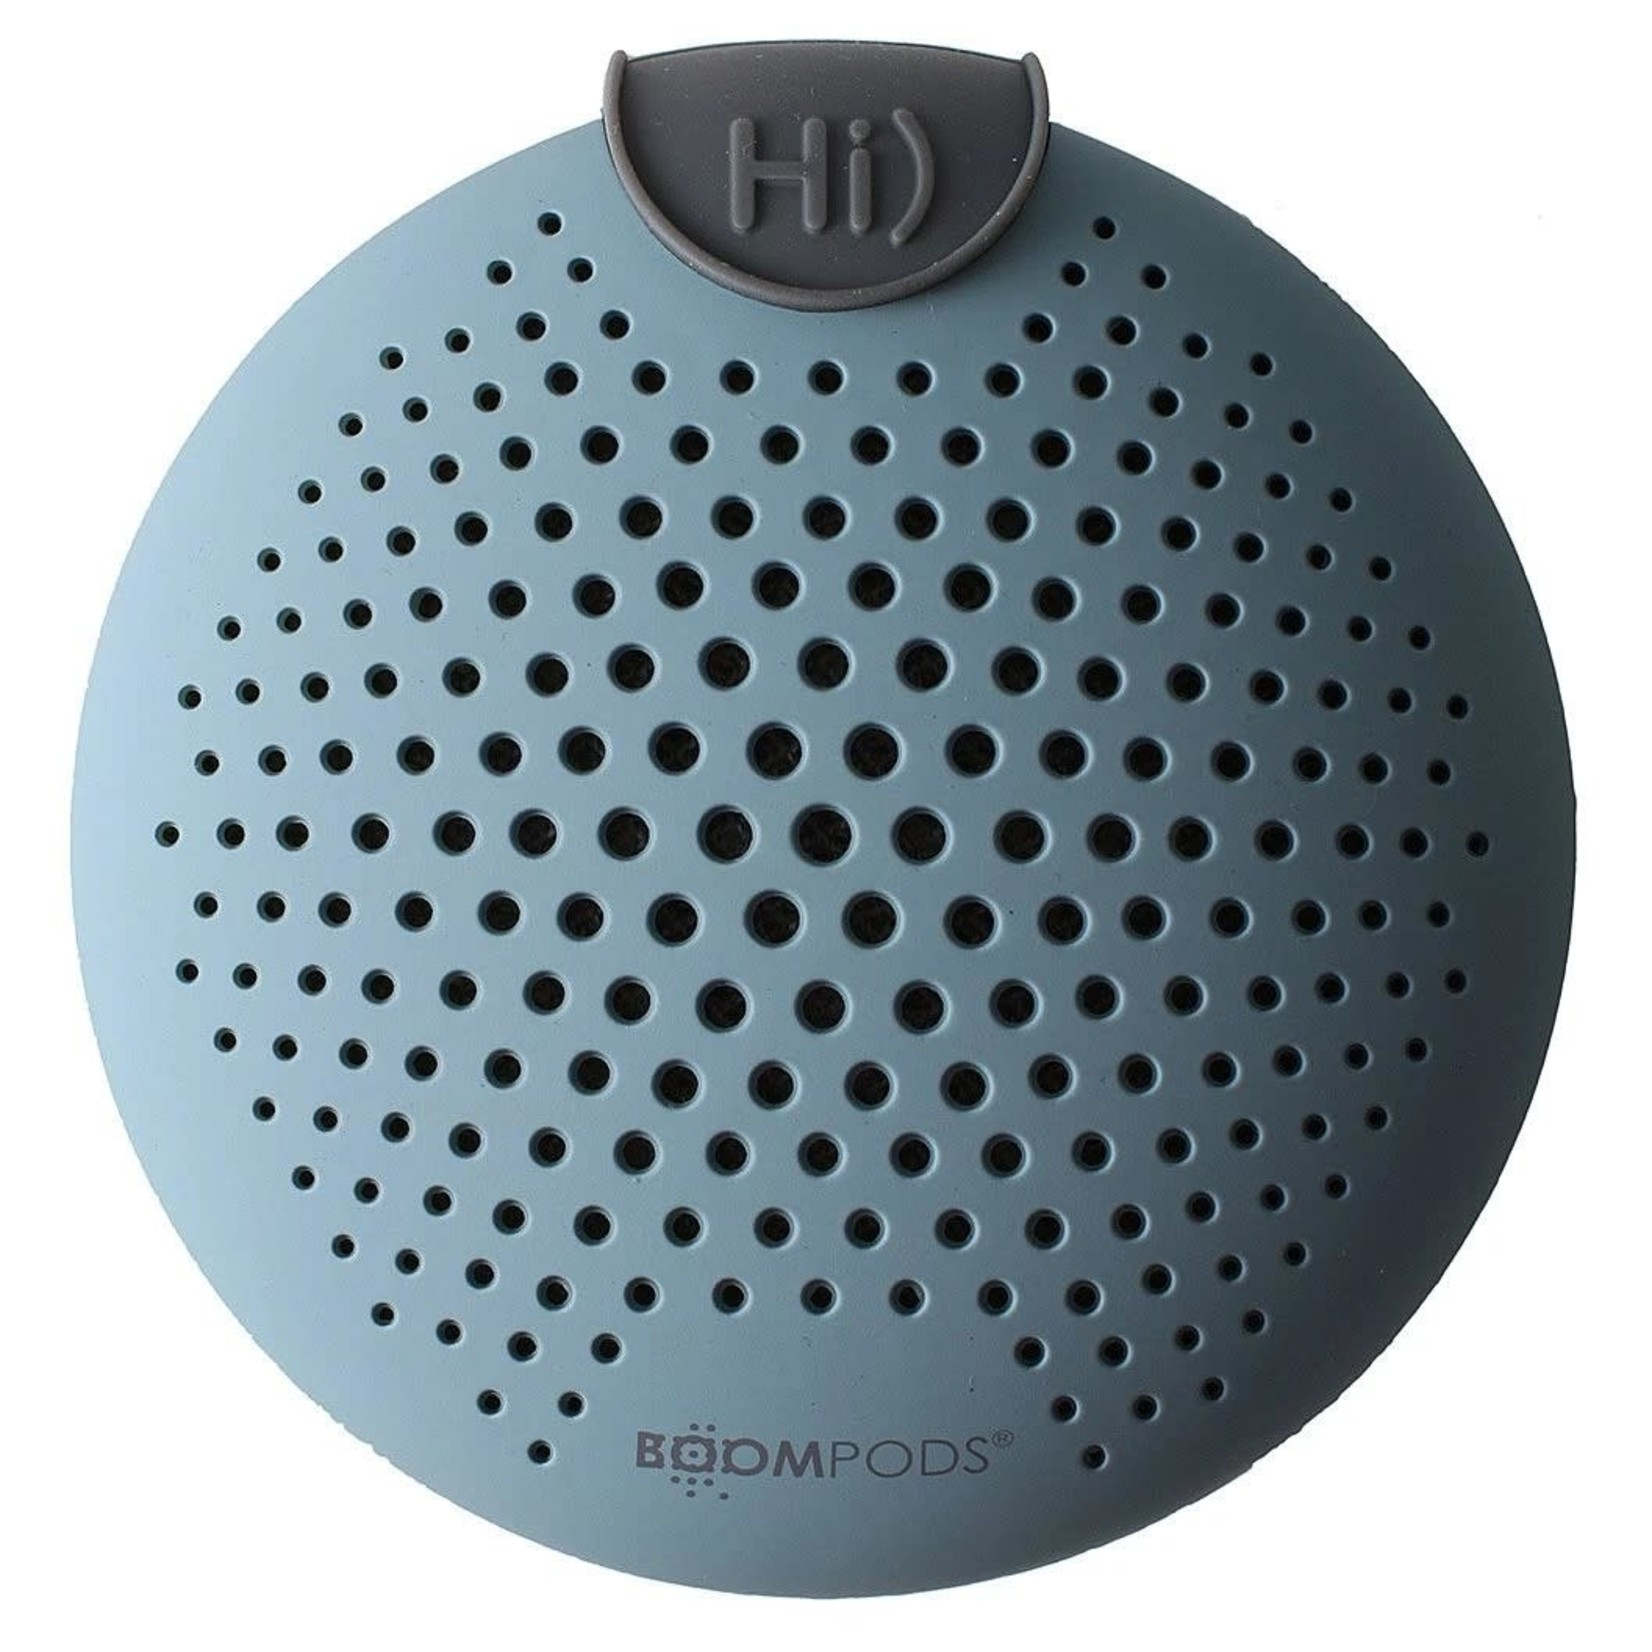 Boompods Soundclip Bluetooth Speaker in Blue